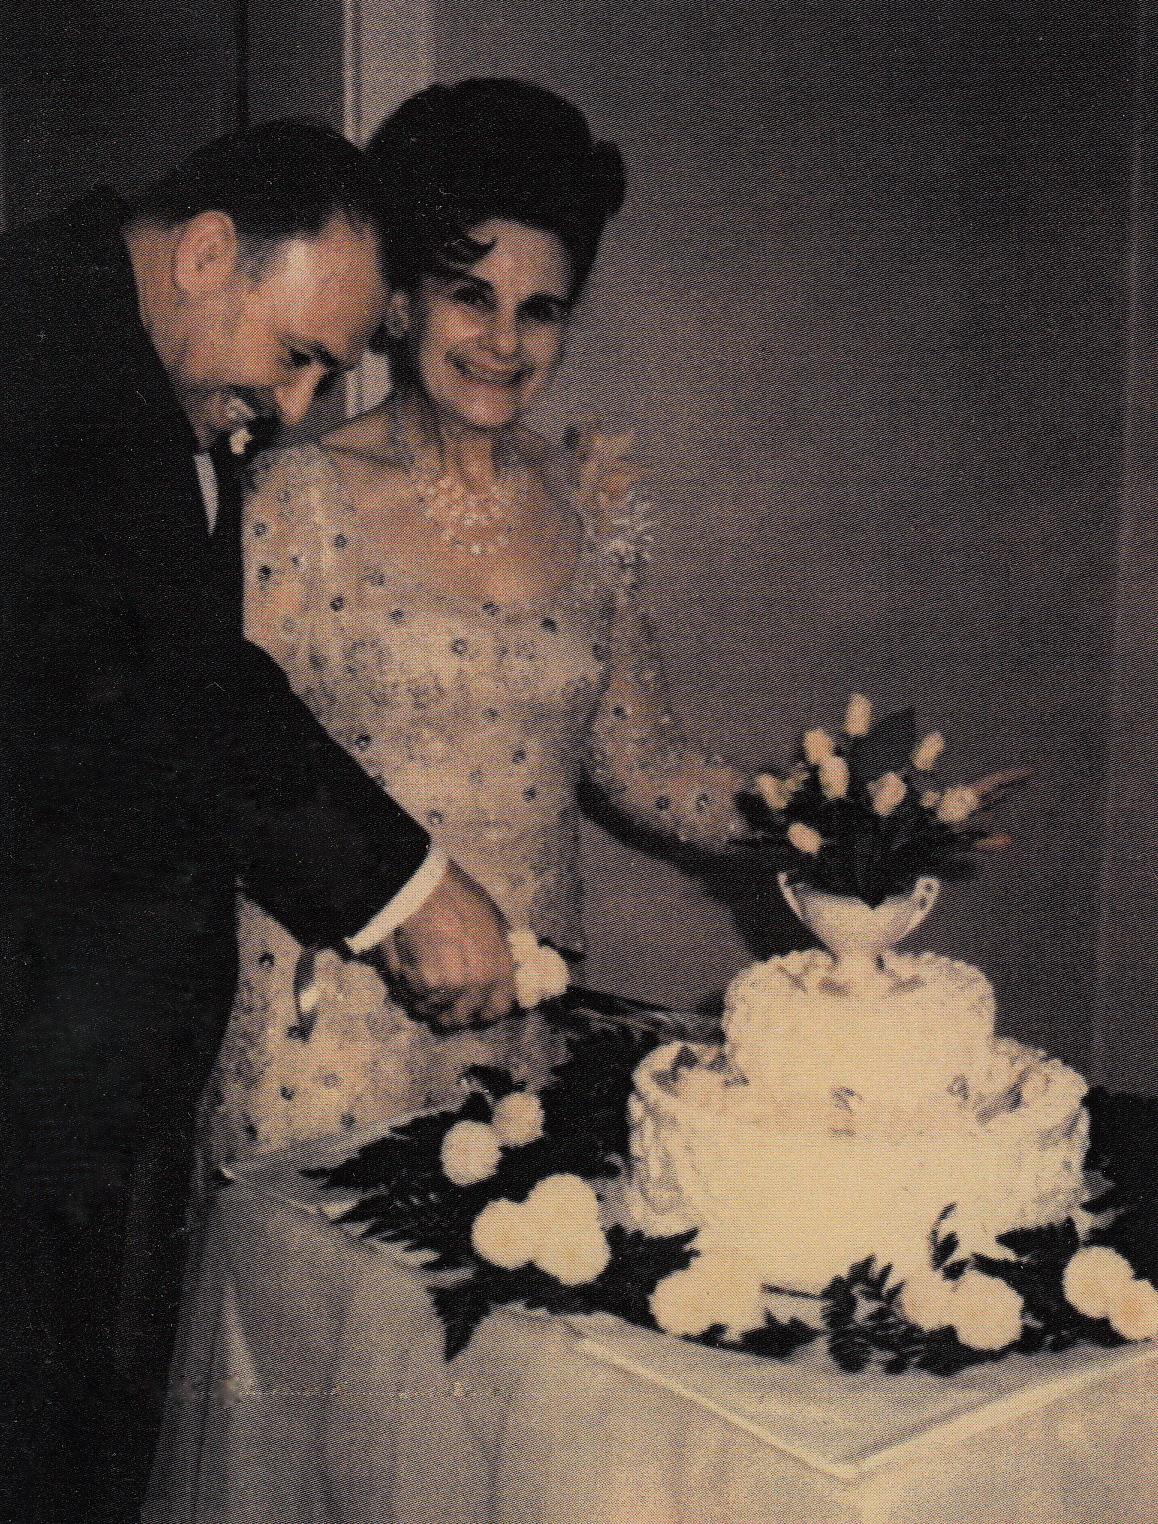 1967-wedding-aniversary-12-34-33